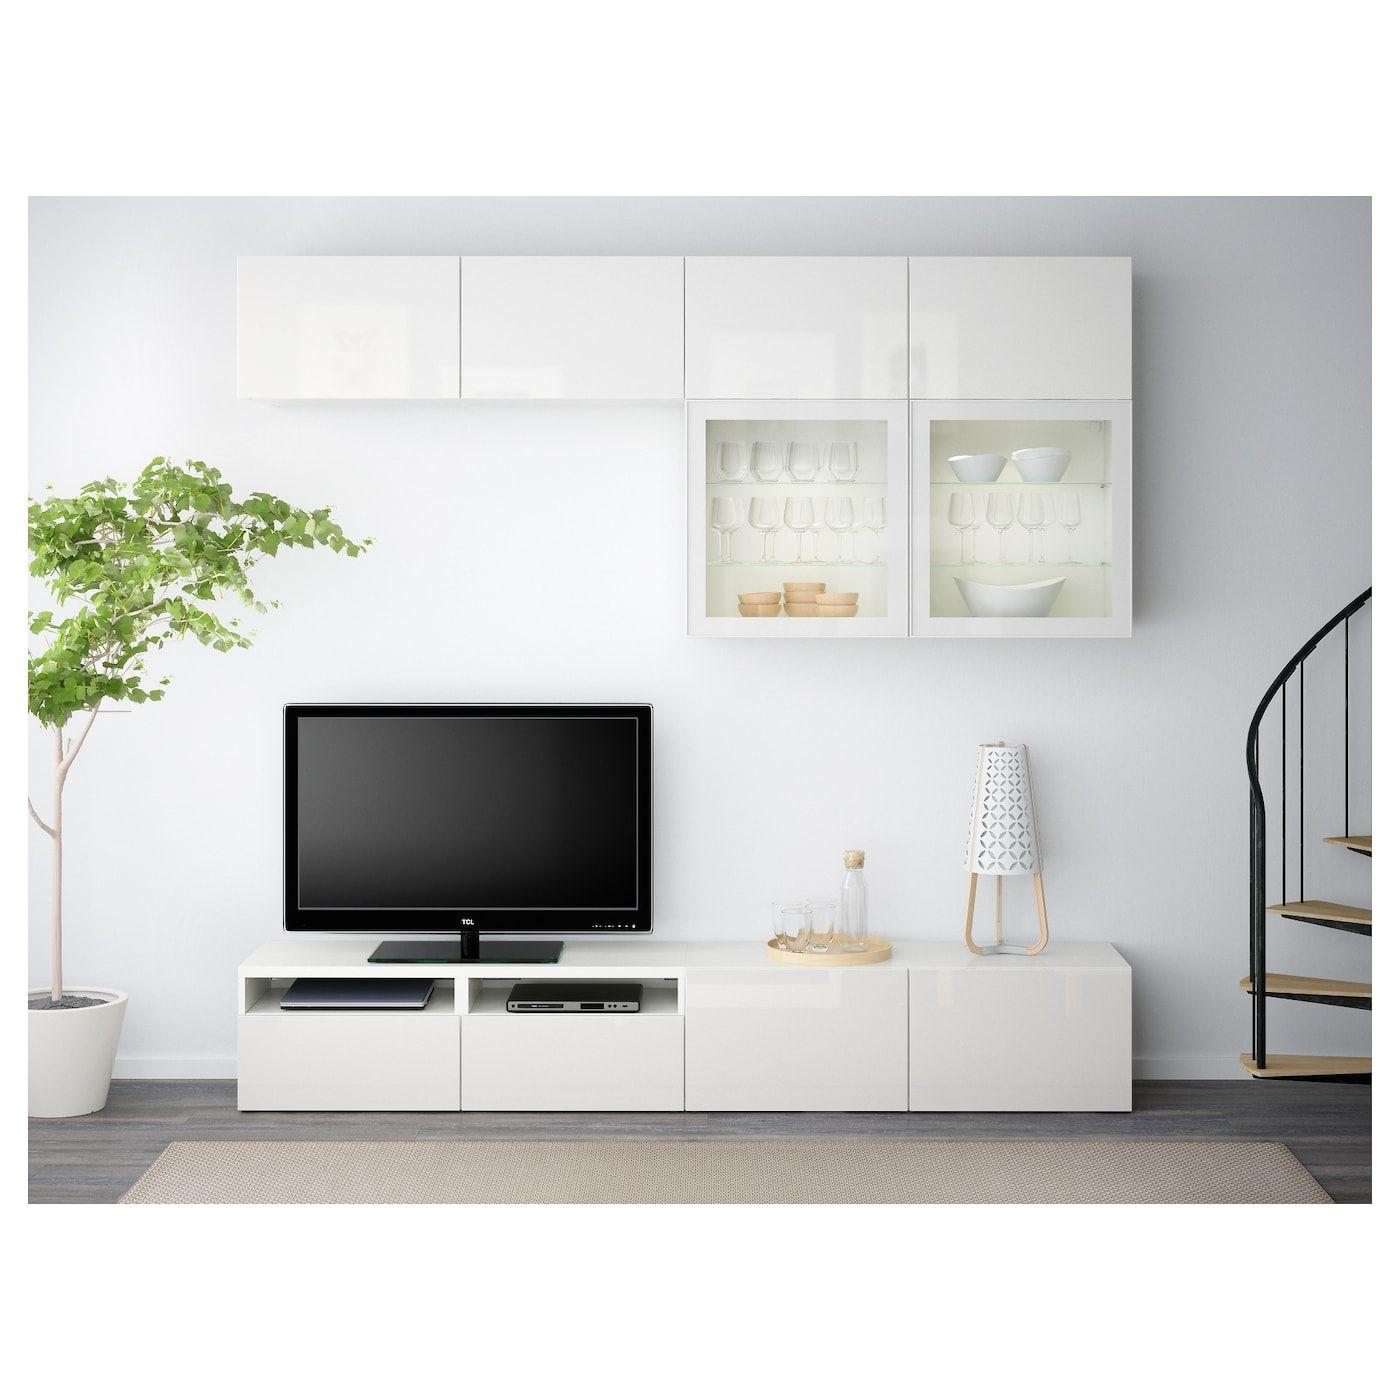 Besta Tv Komb Mit Vitrinenturen Weiss Selsviken Hochglanz Klarglas Weiss 240x40x230 Cm Hier Entdecken Ikea Osterreich In 2020 Tv Storage Home Ikea